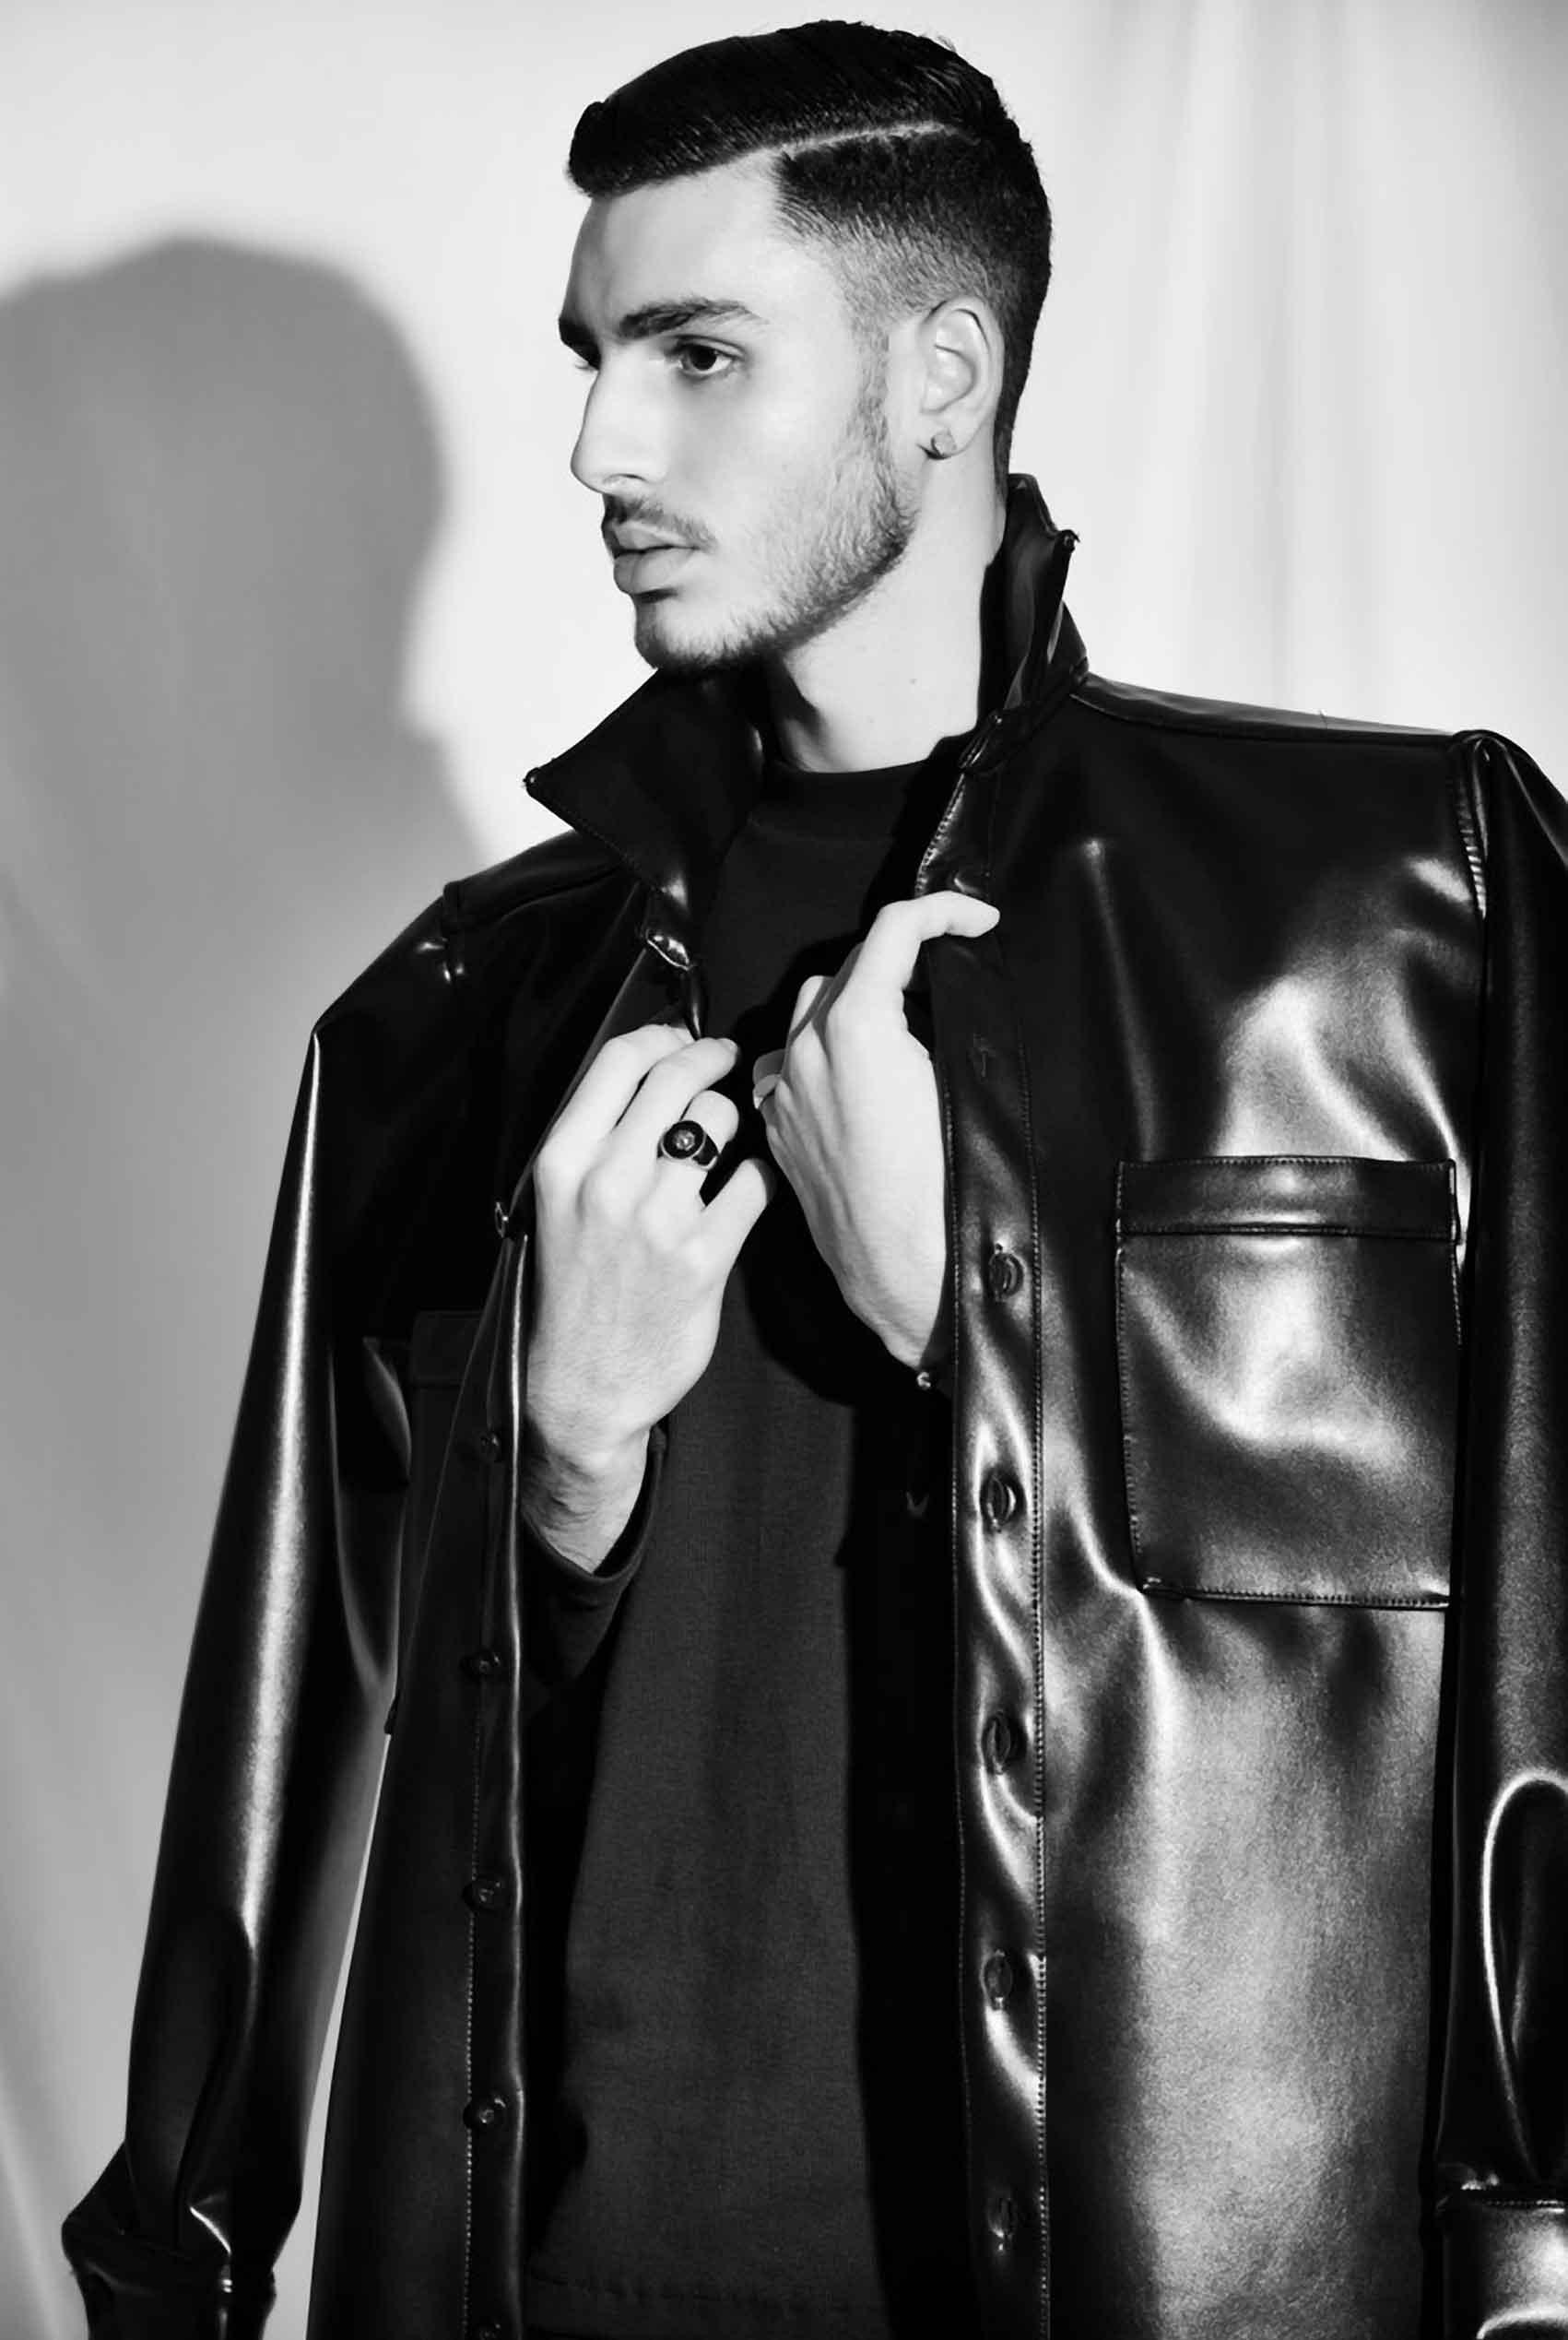 מישל הייק: צילום: משה אהרון, עיצוב שיער: יוקי שרוני, סטיילינג: חן ששון, הפקה: אפי אליסי - Fashion Israel - אינסטגרם: fashionisrael.mag -מגזין אופנה-מגזין-גברים